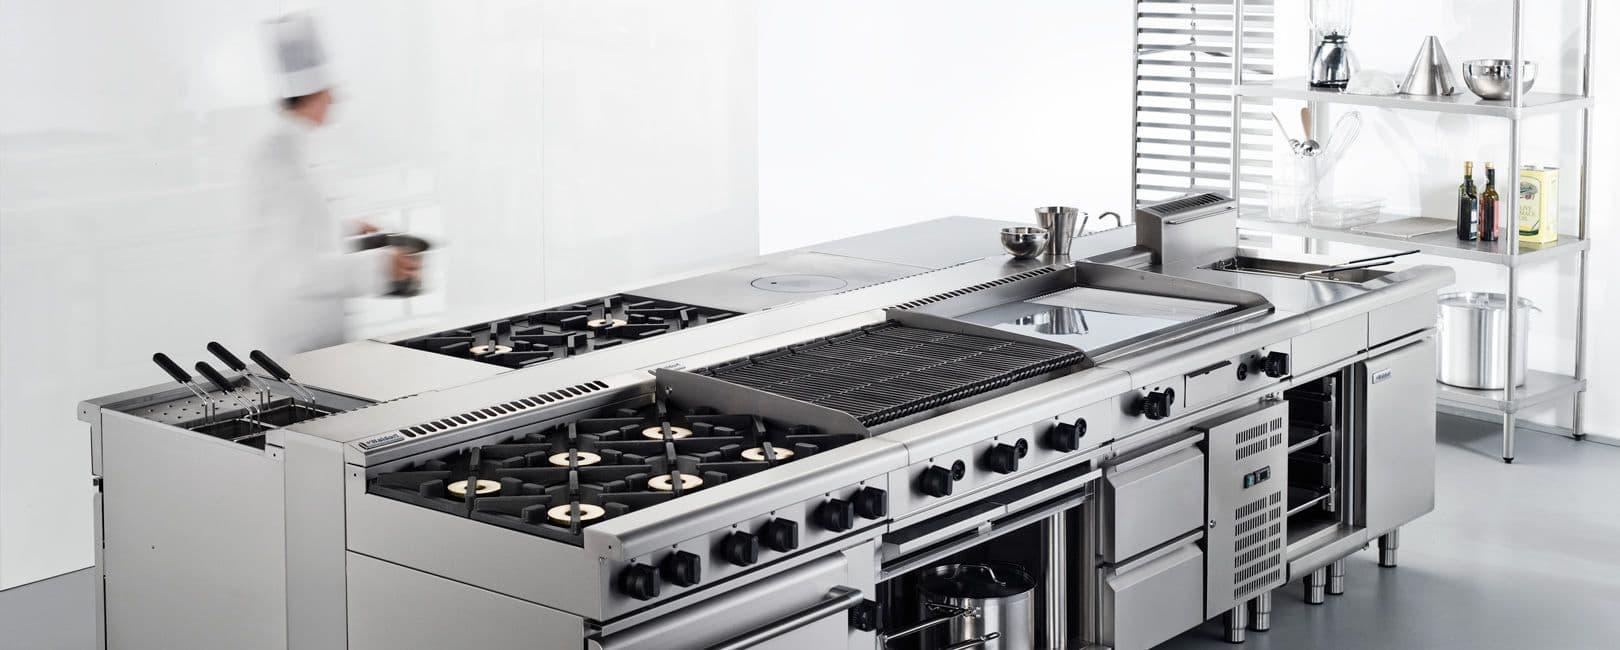 اجزای آشپزخانه صنعتی - اجزای آشپزخانه صنعتی | اجزای آشپزخانه صنعتی چیست؟